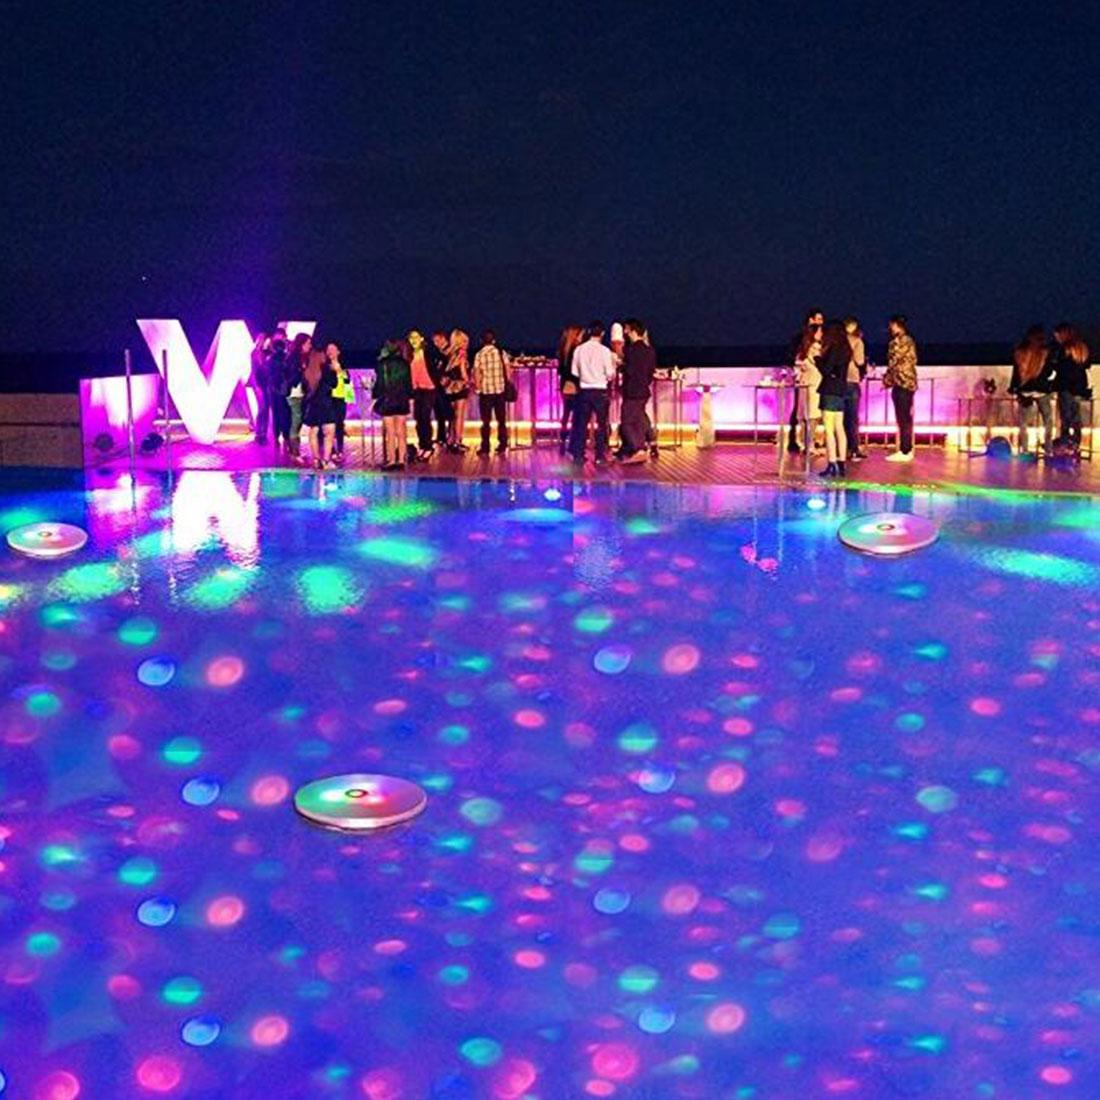 lampada de led para piscina luz flutuante 04